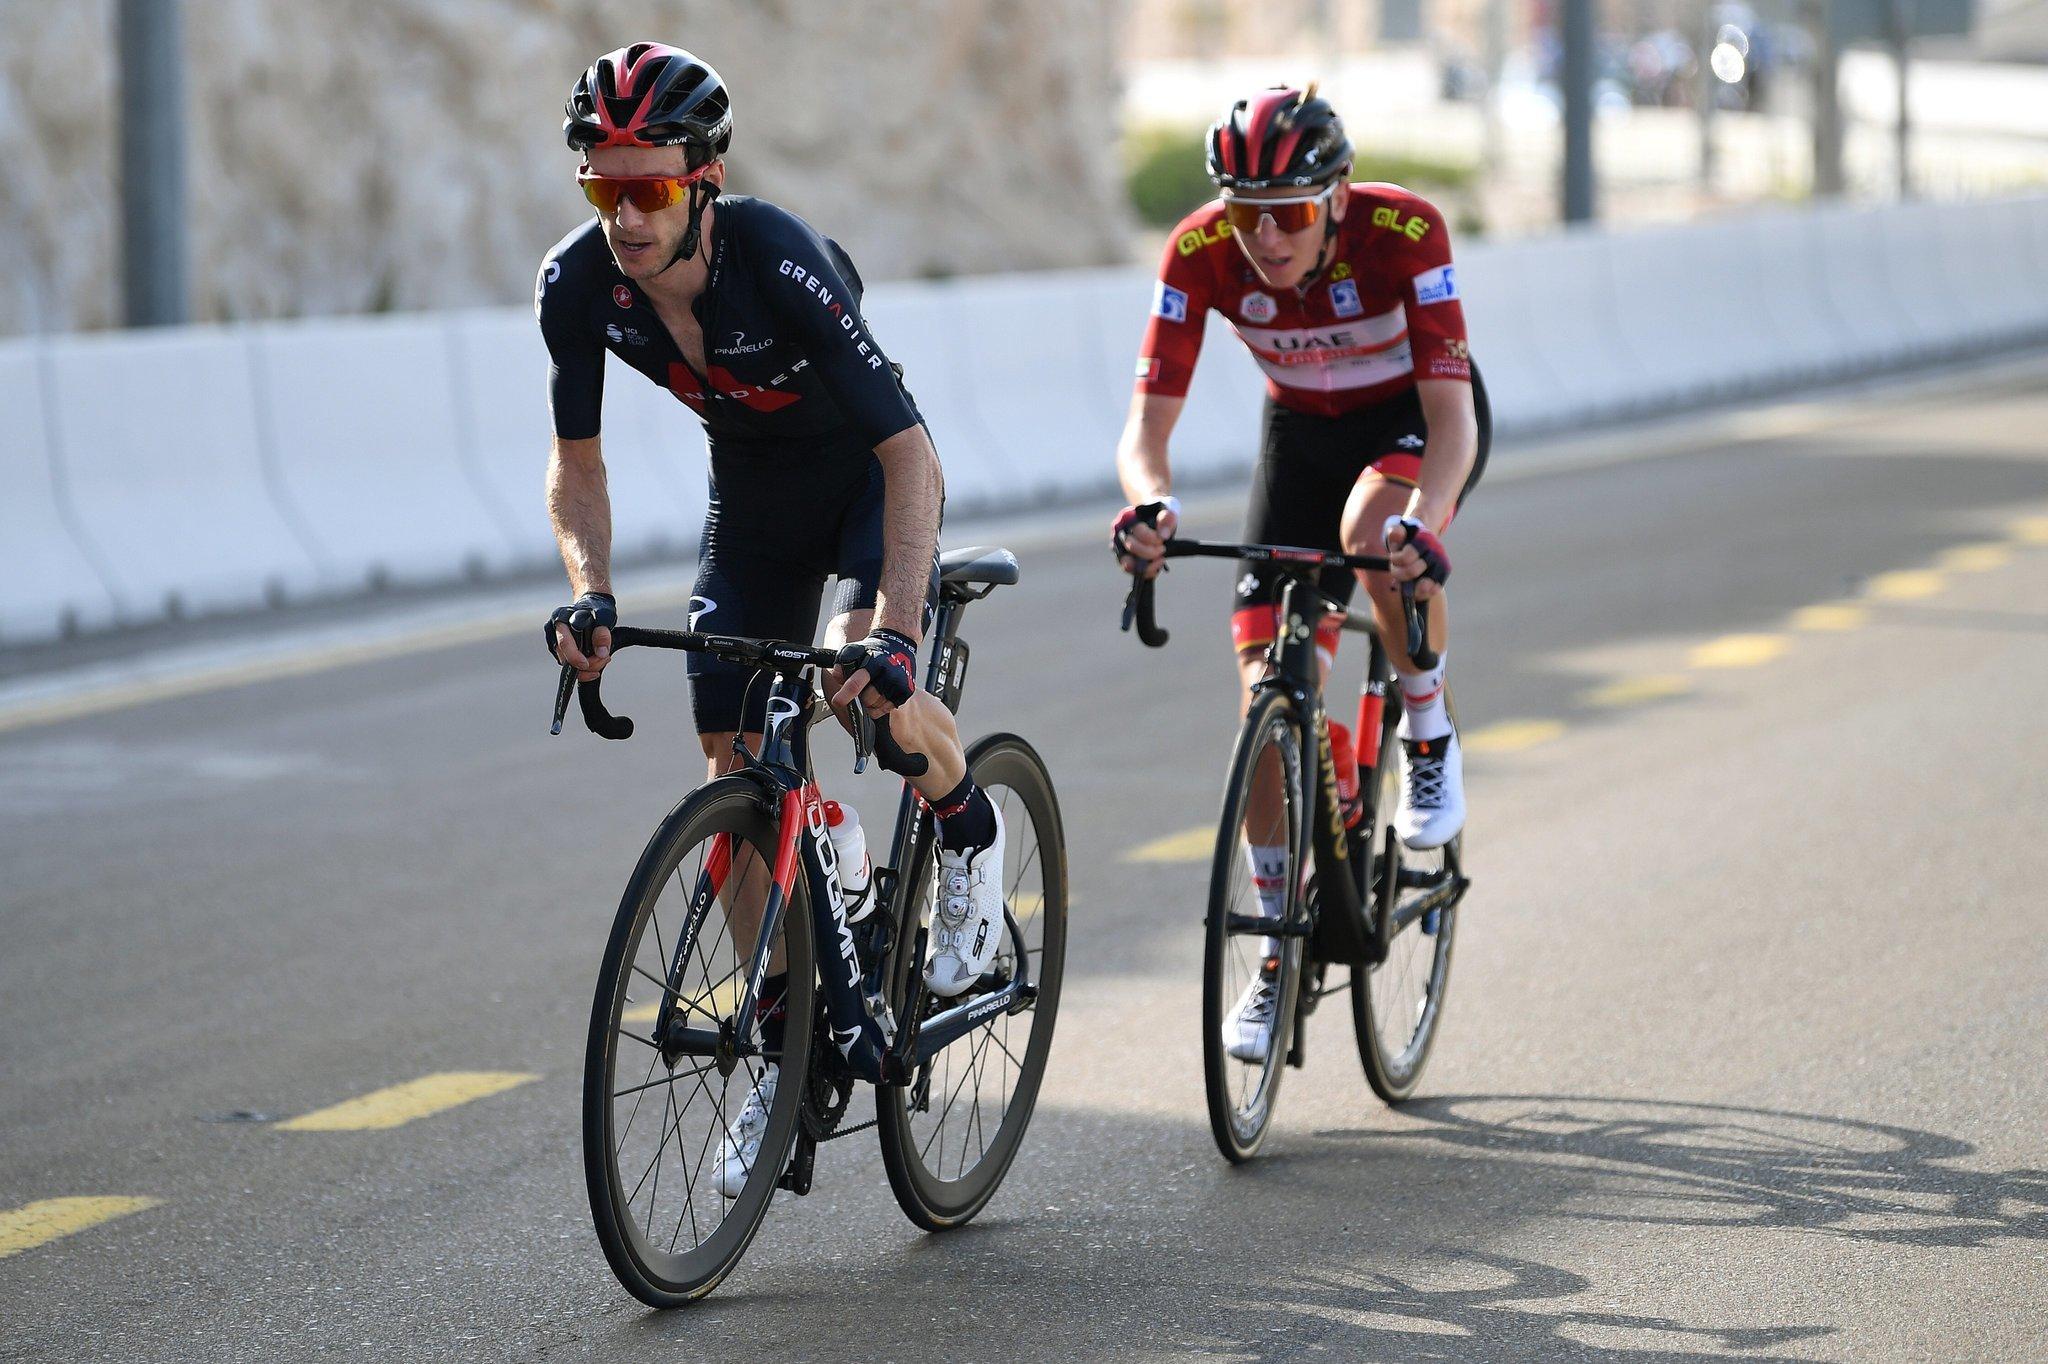 Resumen y clasificación tras la etapa 5 del Tour de Emiratos: Vingegaard vence y Pogacar sigue líder